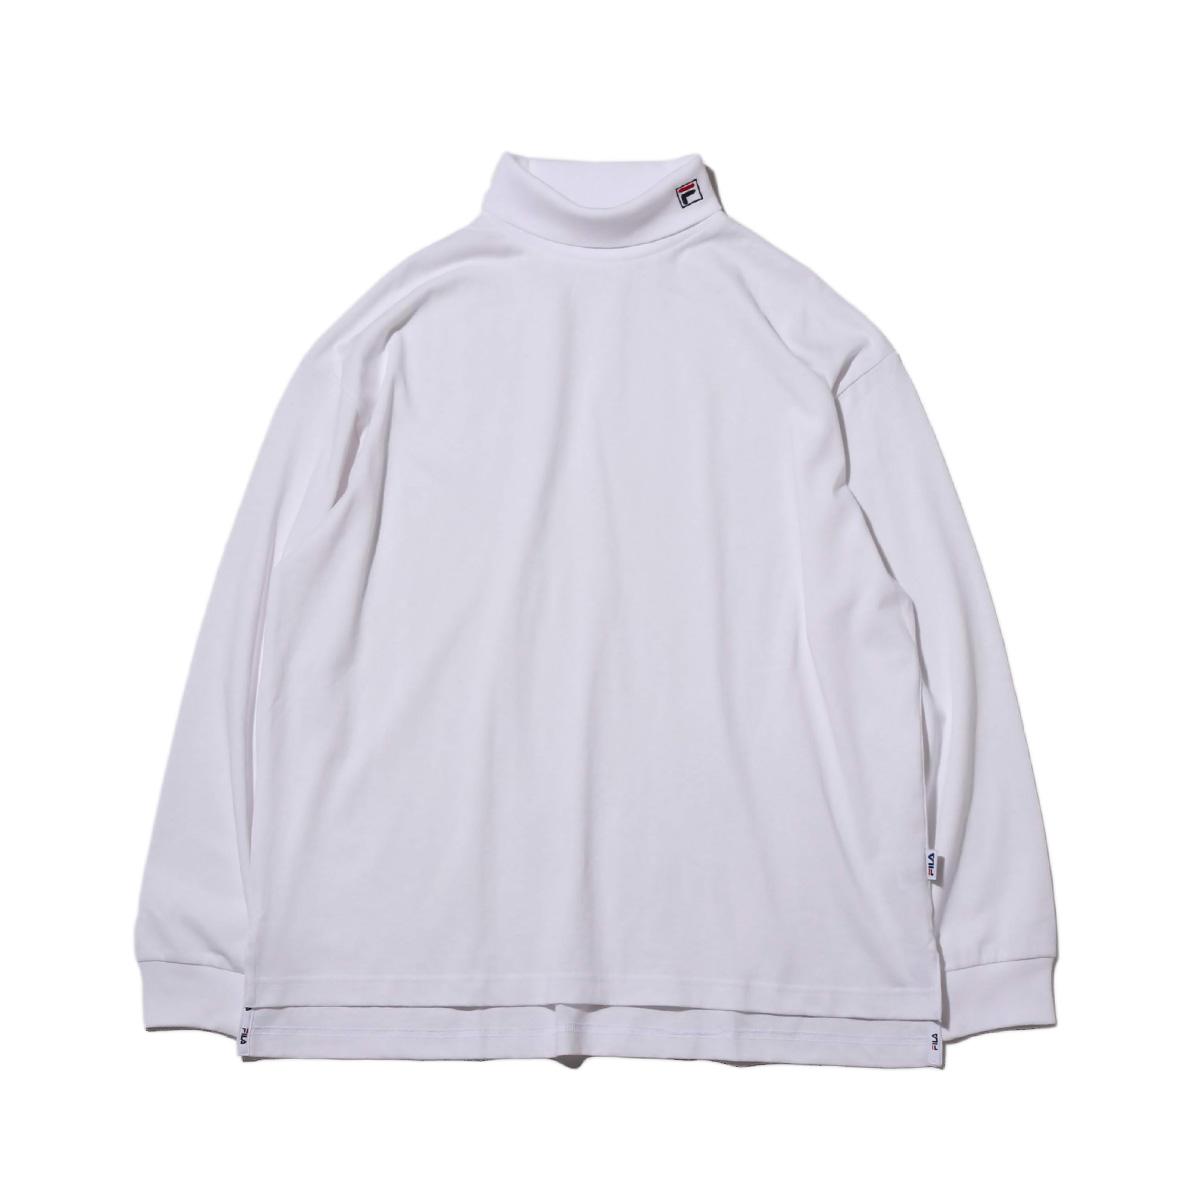 Nowa lista dobra obsługa taniej FILA Turtle neck shirt (WHITE) (Fila turtleneck)